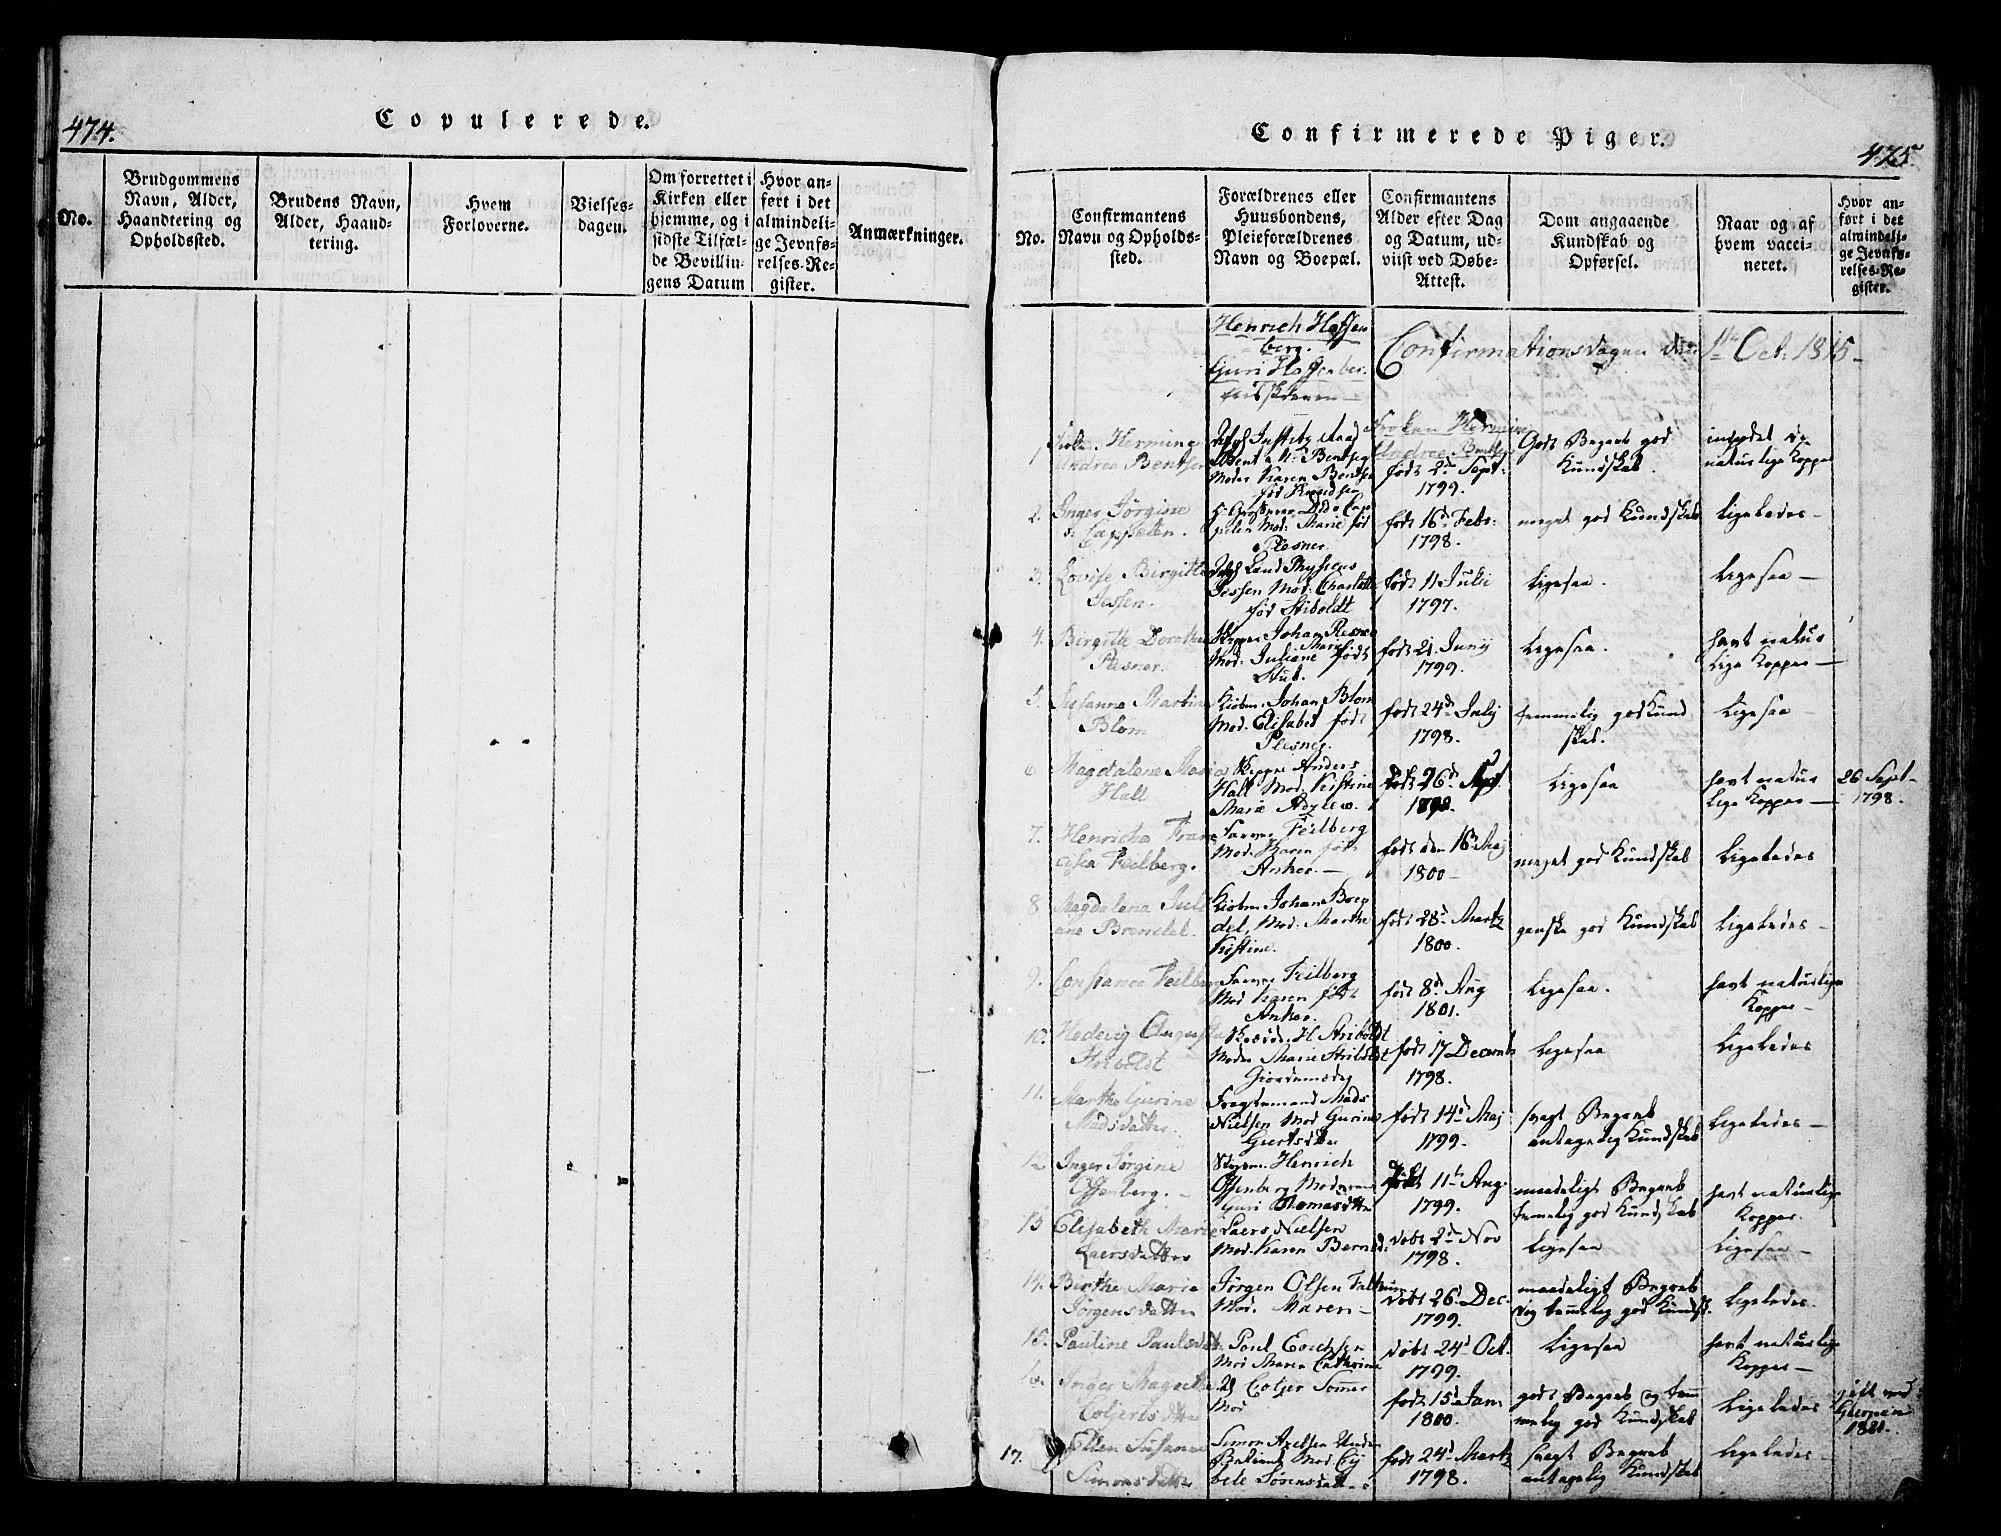 SAKO, Skien kirkebøker, G/Ga/L0002: Klokkerbok nr. 2, 1814-1842, s. 474-475